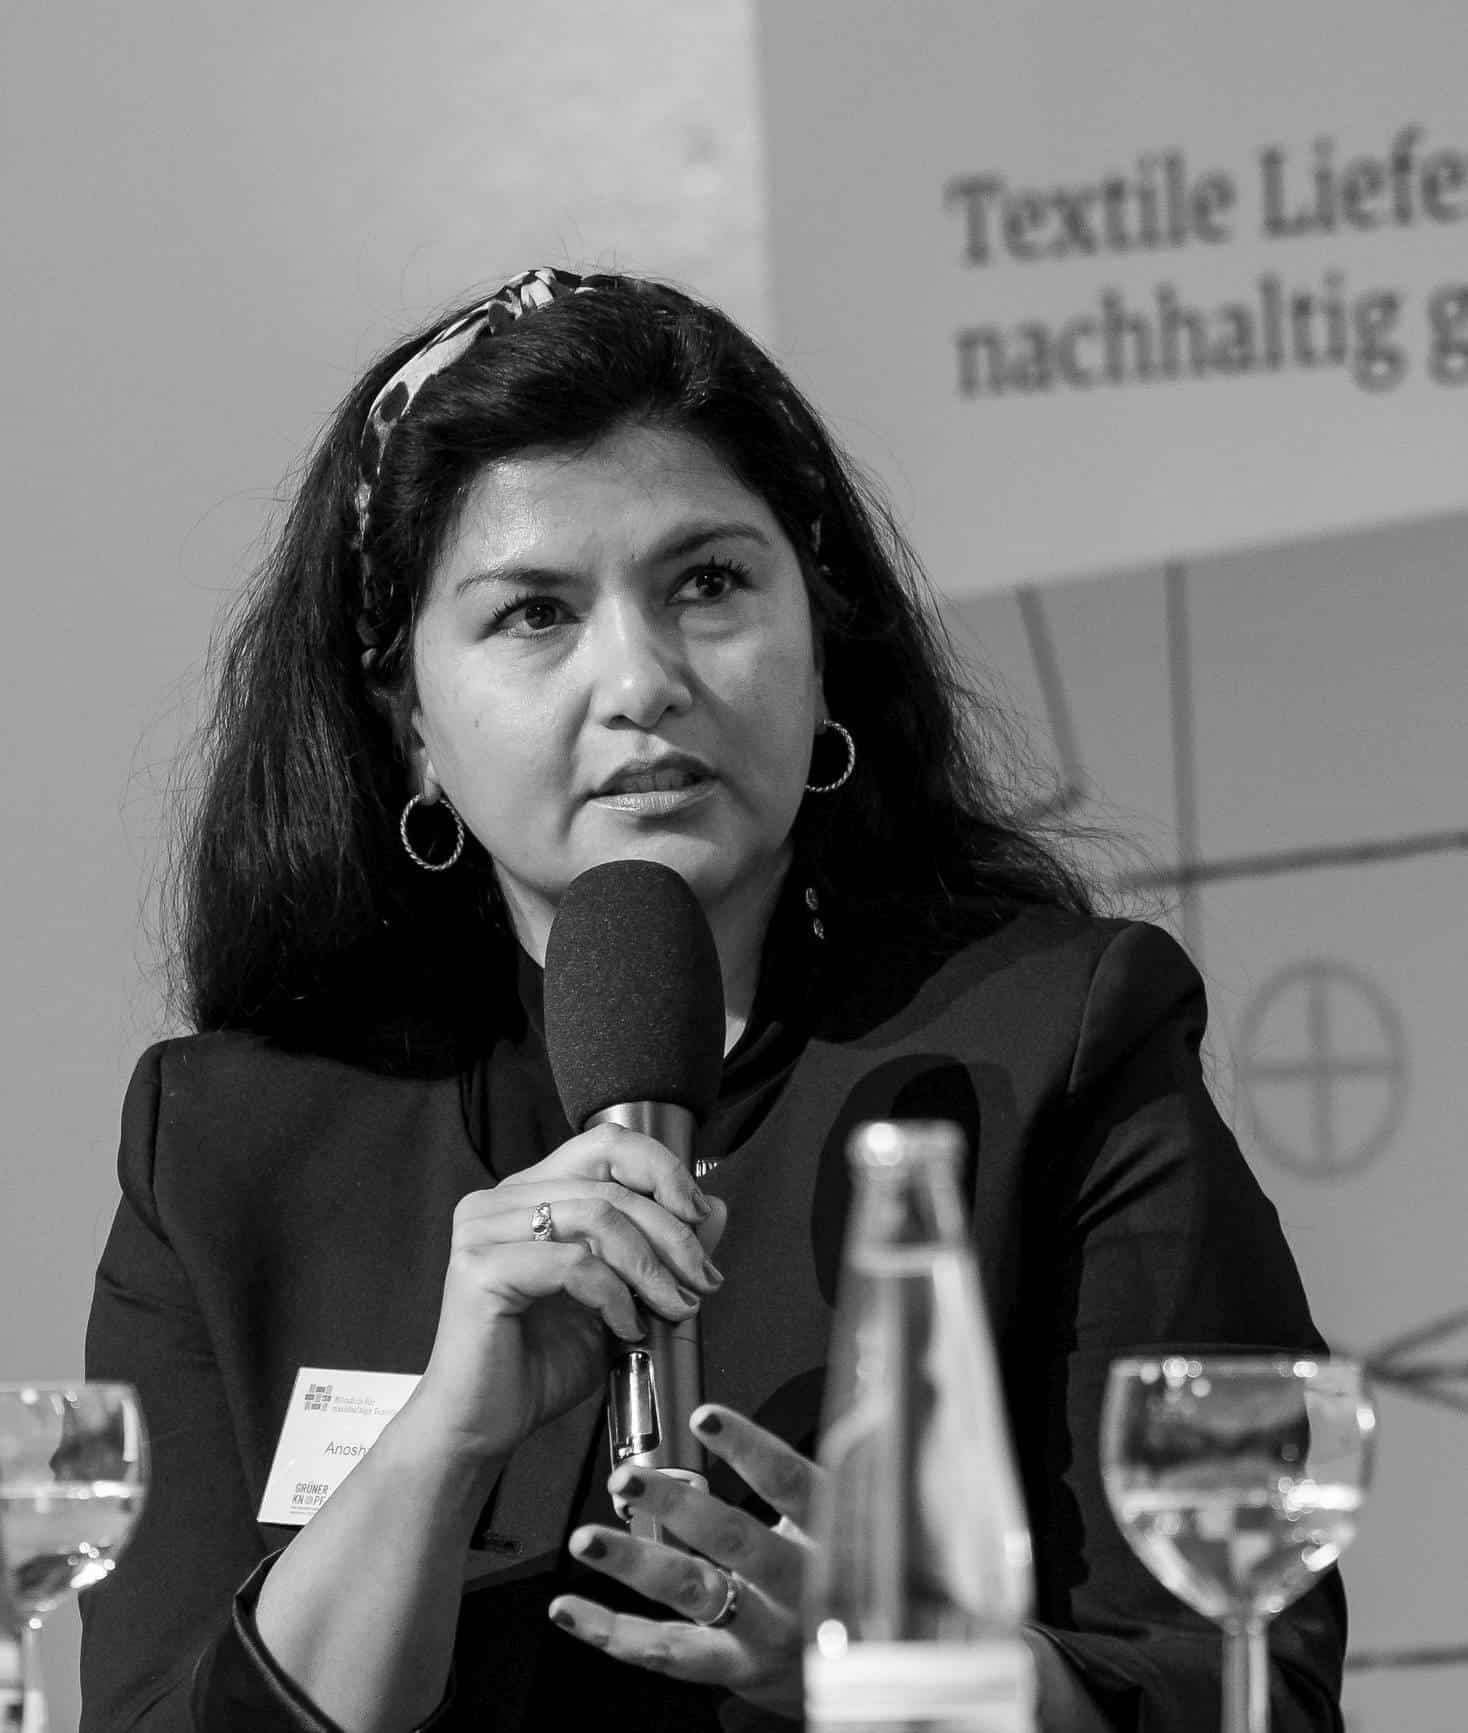 Anosha Wahidi, BMZ, bei der Mitgliederversammlung des Textilbündnisses 2019